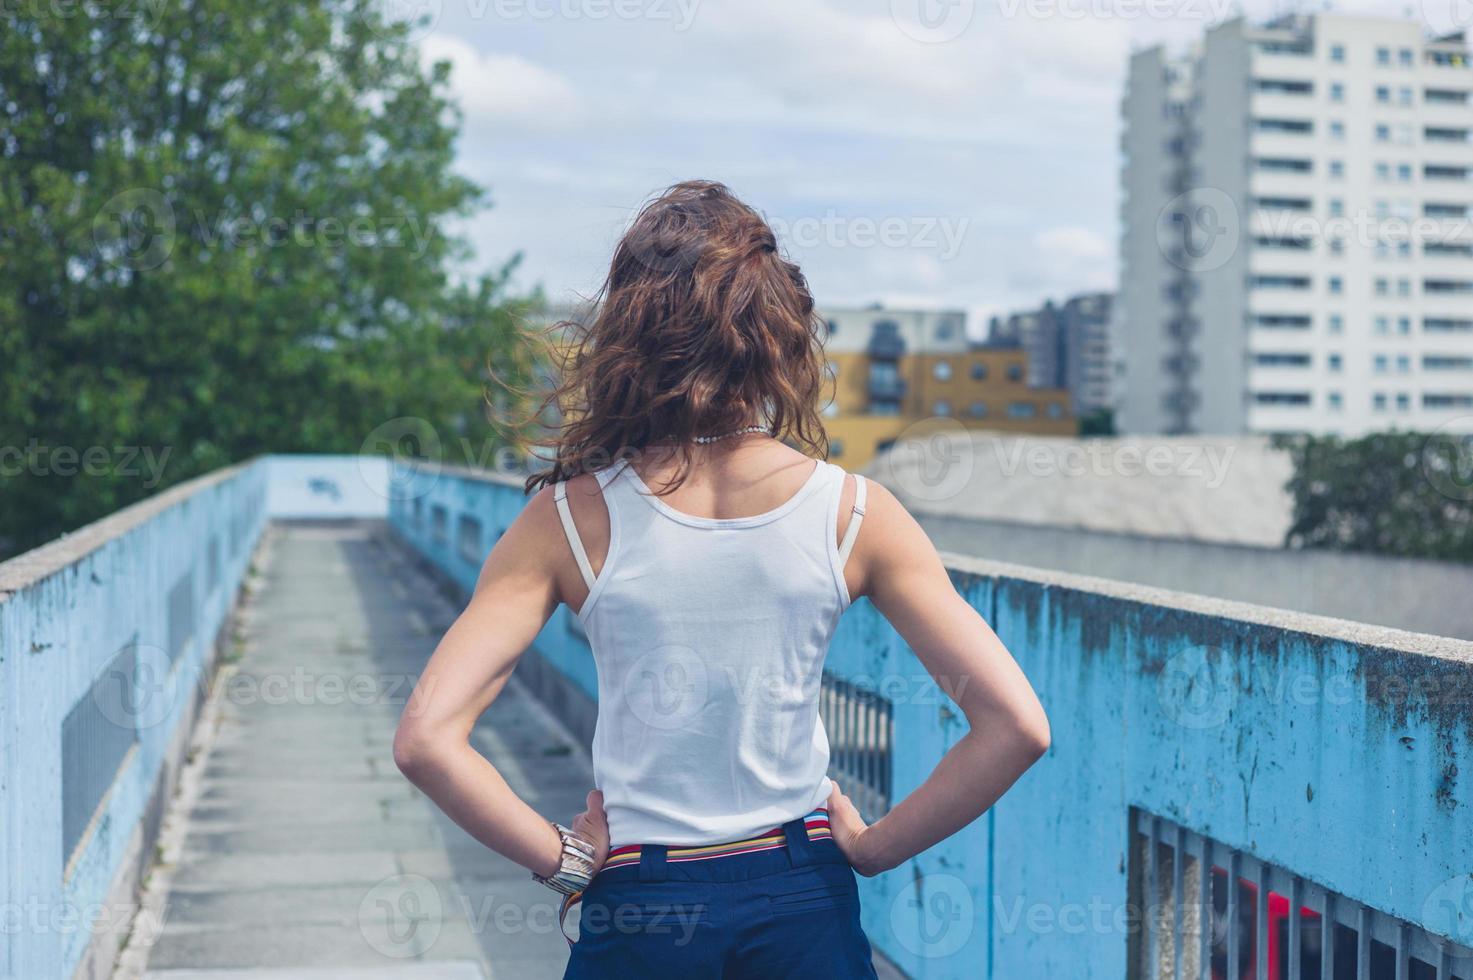 jonge vrouw stond op een loopbrug foto